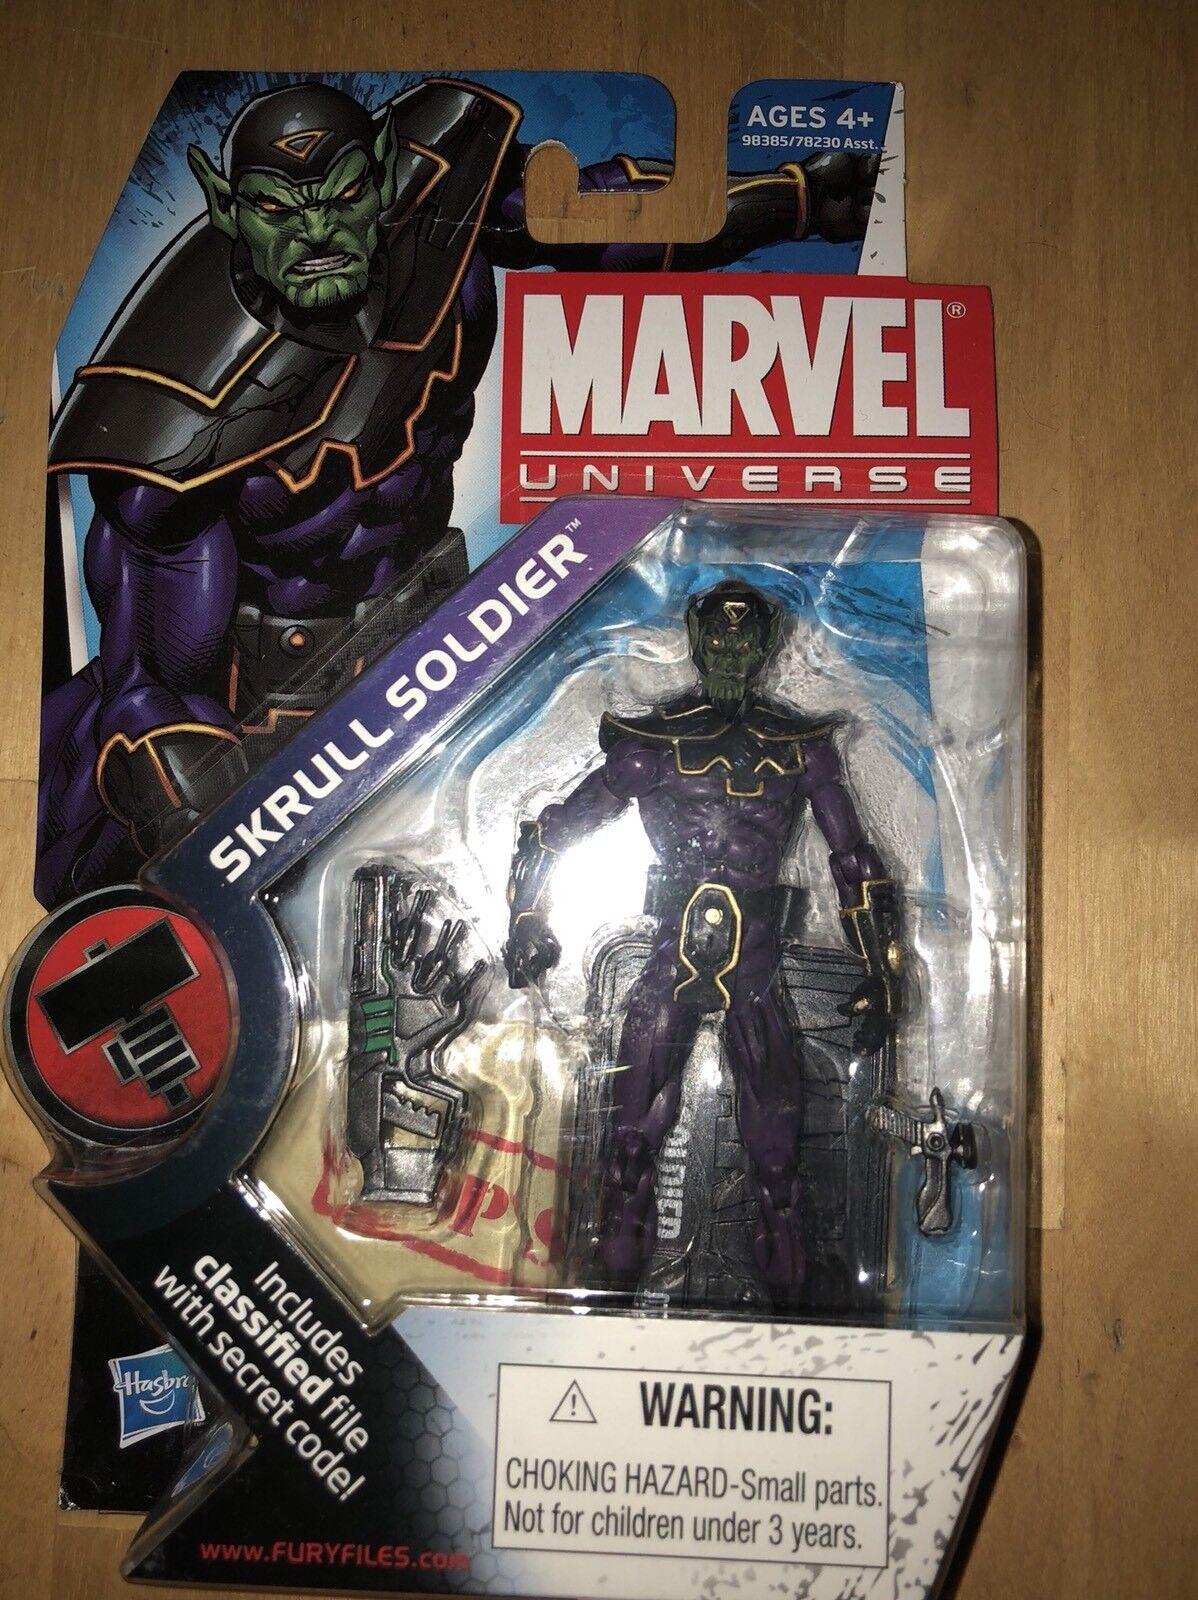 Marvel - universum skrull soldat af - 26.